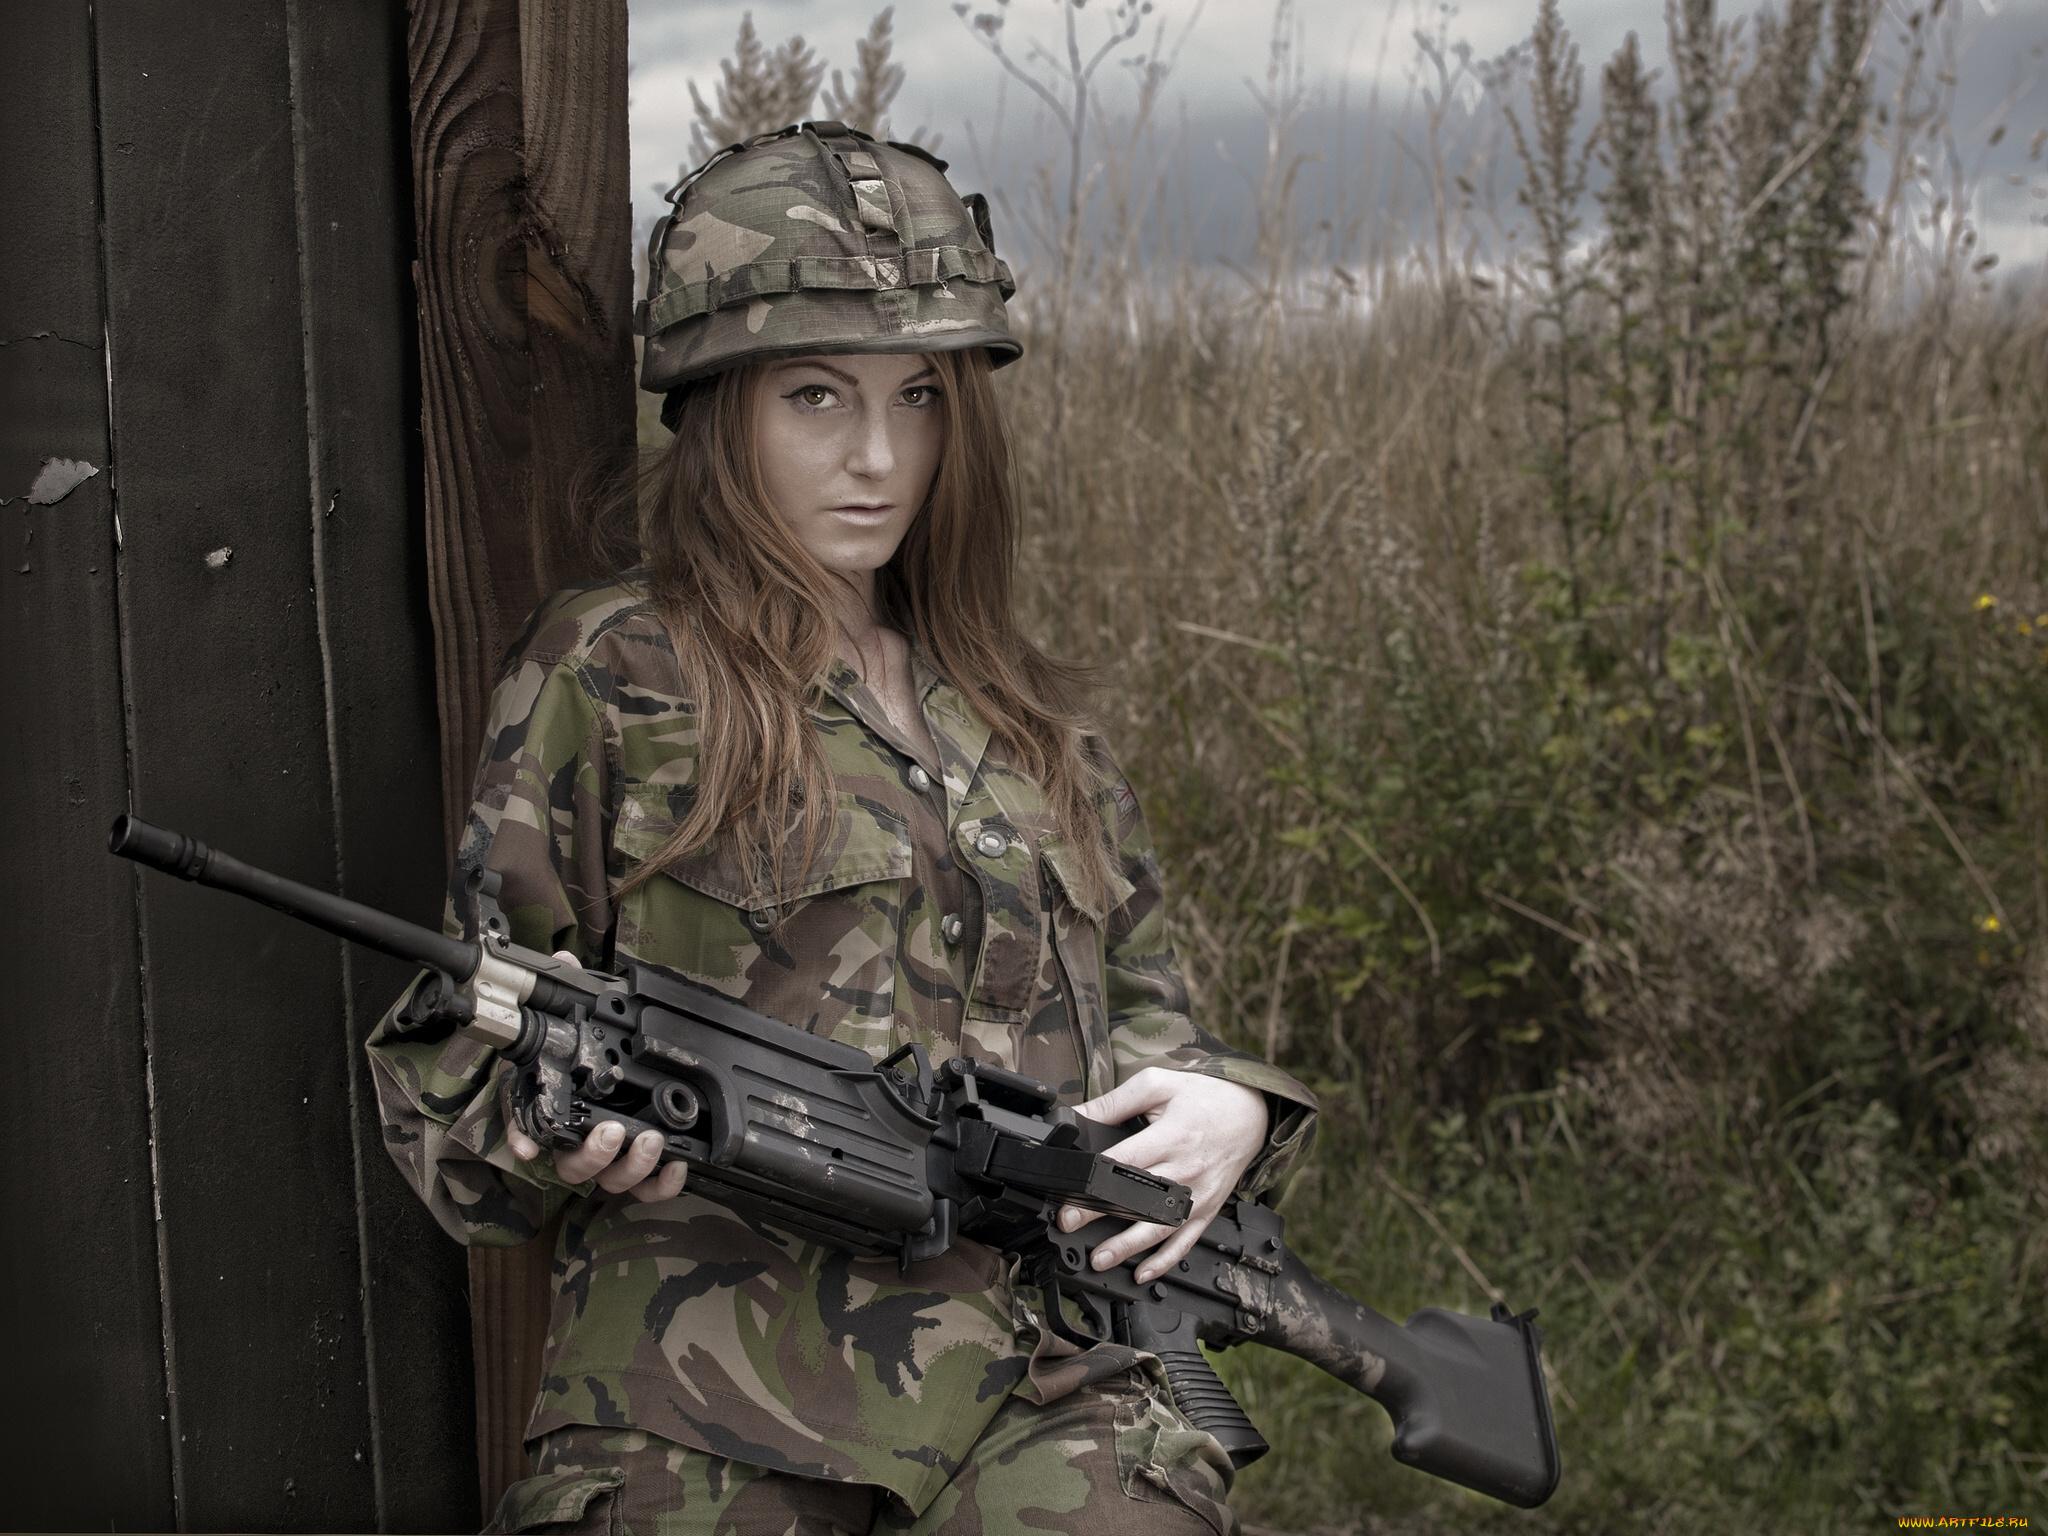 Телки в военной форме, Порно фото из категории Военные - 26 эротических фото 14 фотография